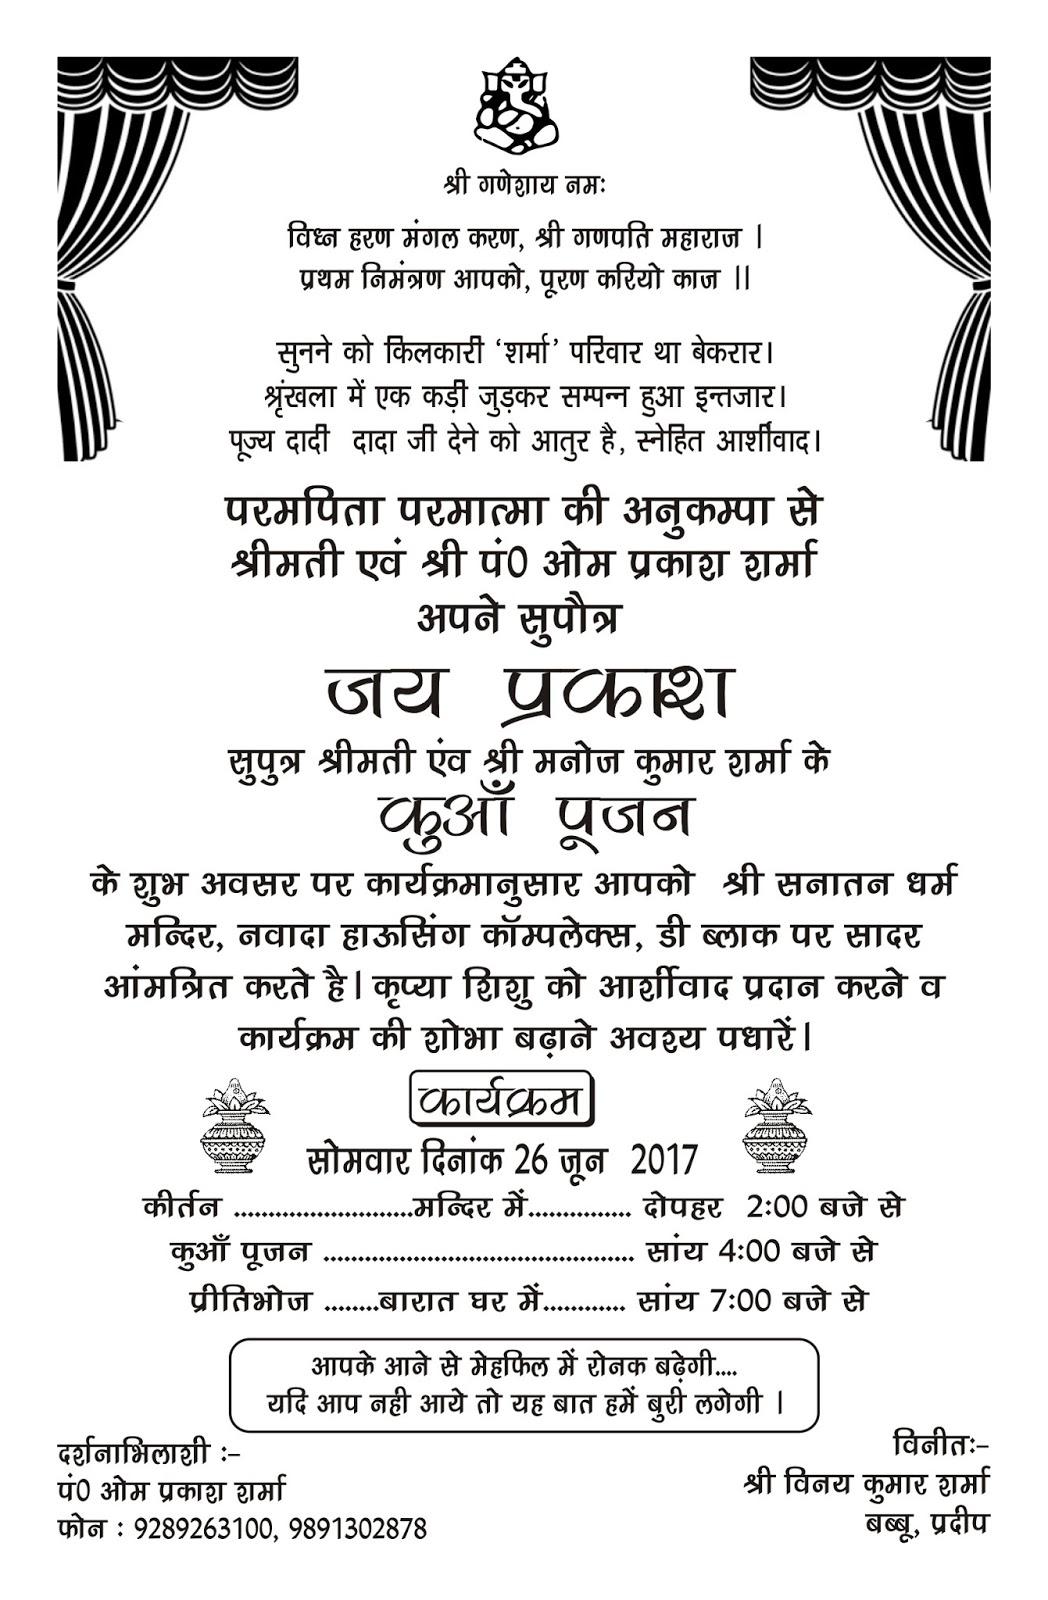 Kuan pujan hindi invitation card art work hide n show the art work of kuan pujan hindi invitation card stopboris Choice Image